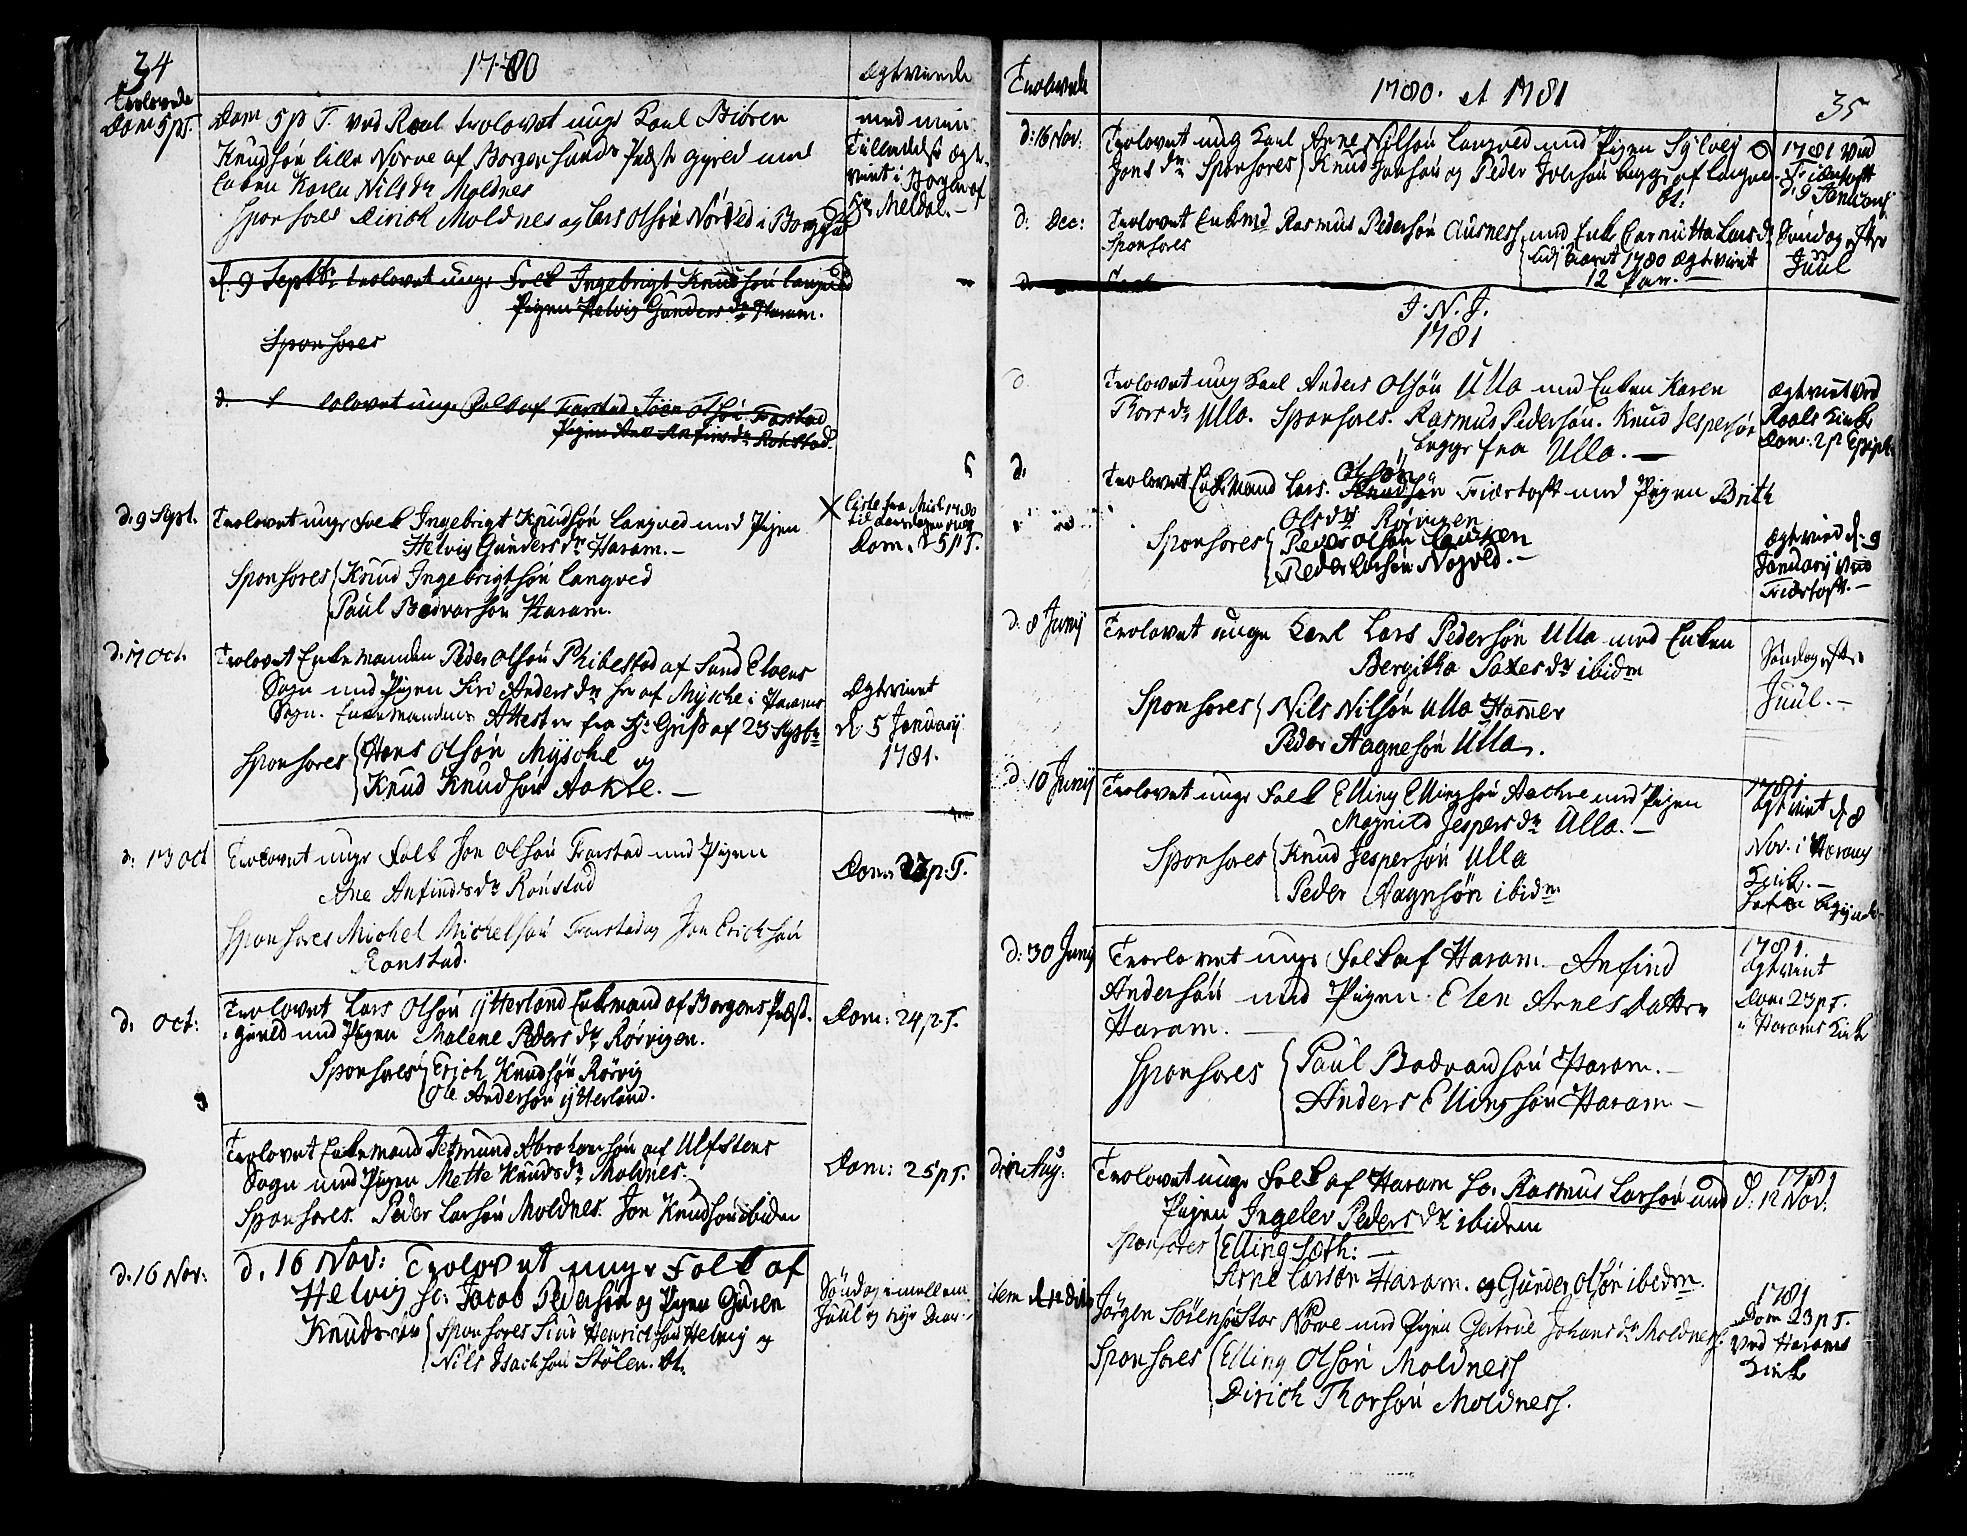 SAT, Ministerialprotokoller, klokkerbøker og fødselsregistre - Møre og Romsdal, 536/L0493: Ministerialbok nr. 536A02, 1739-1802, s. 34-35